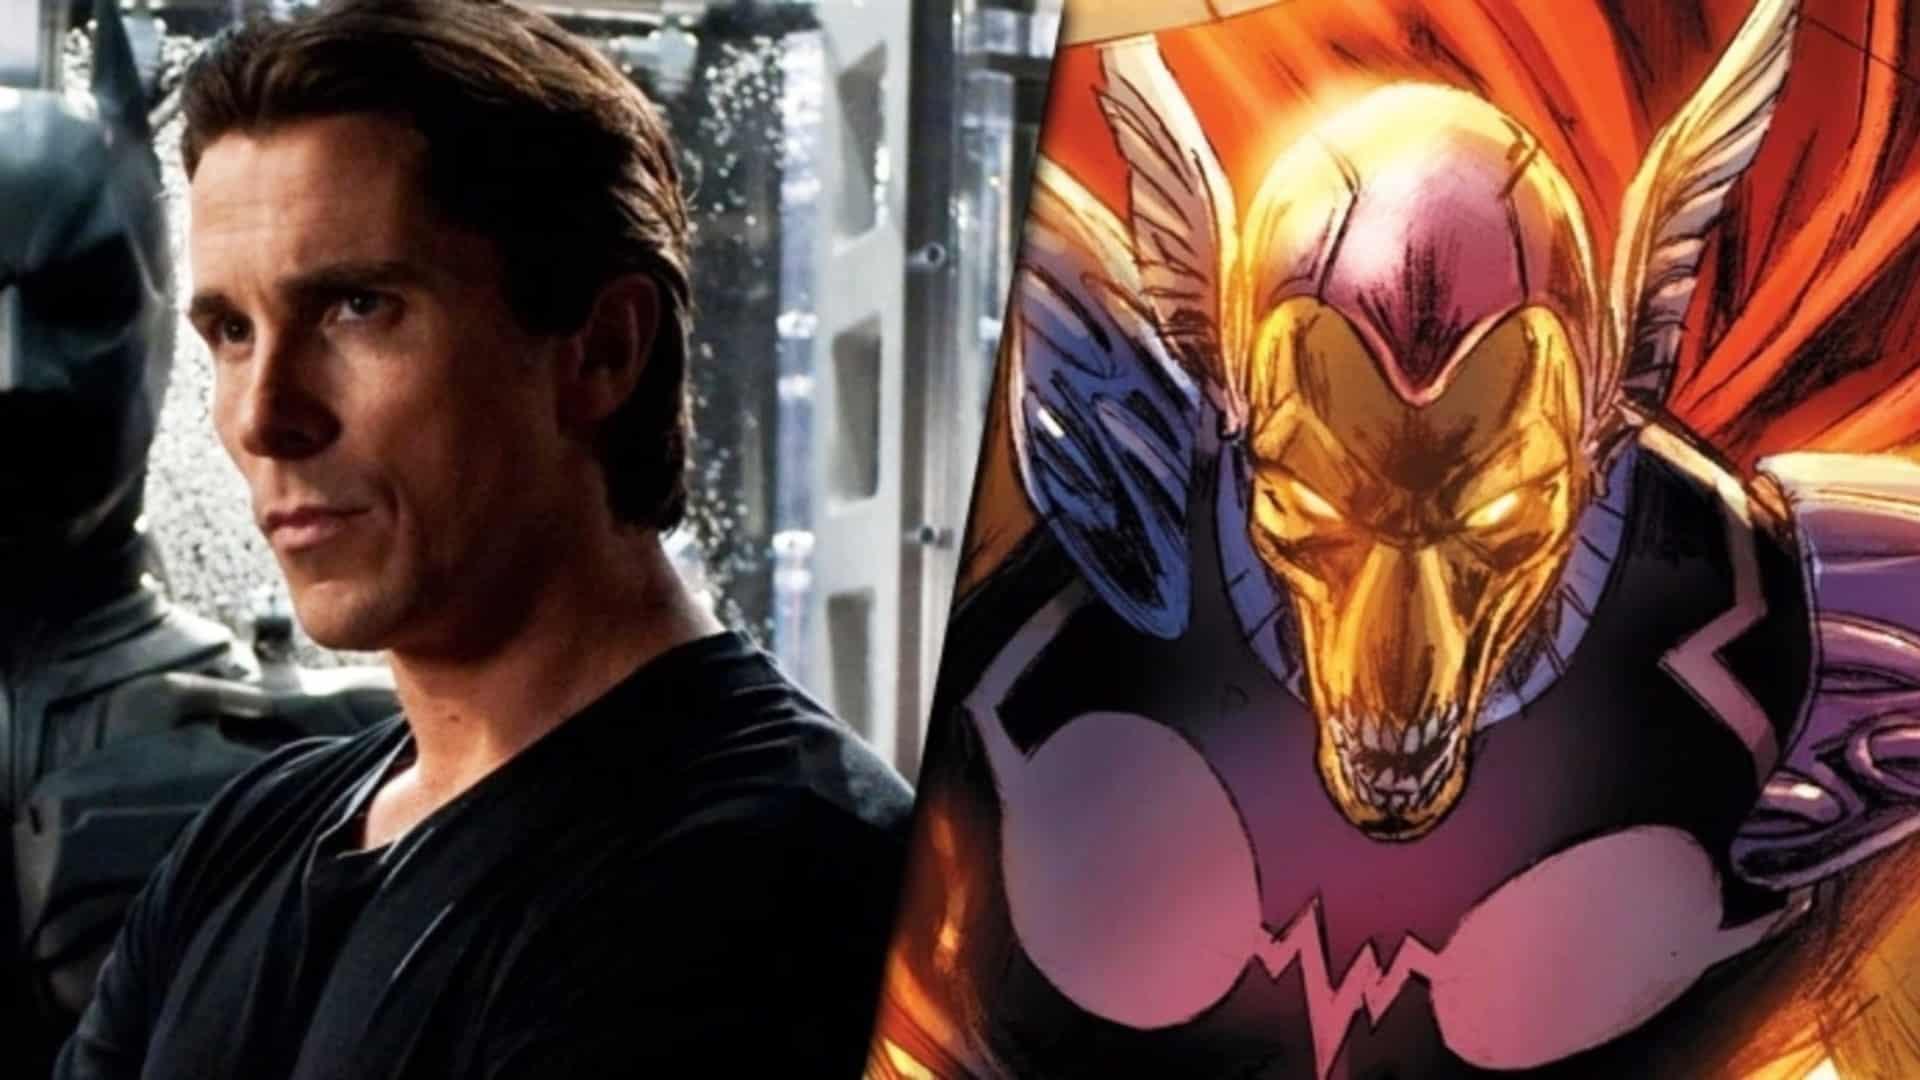 Christian Bale v MCU